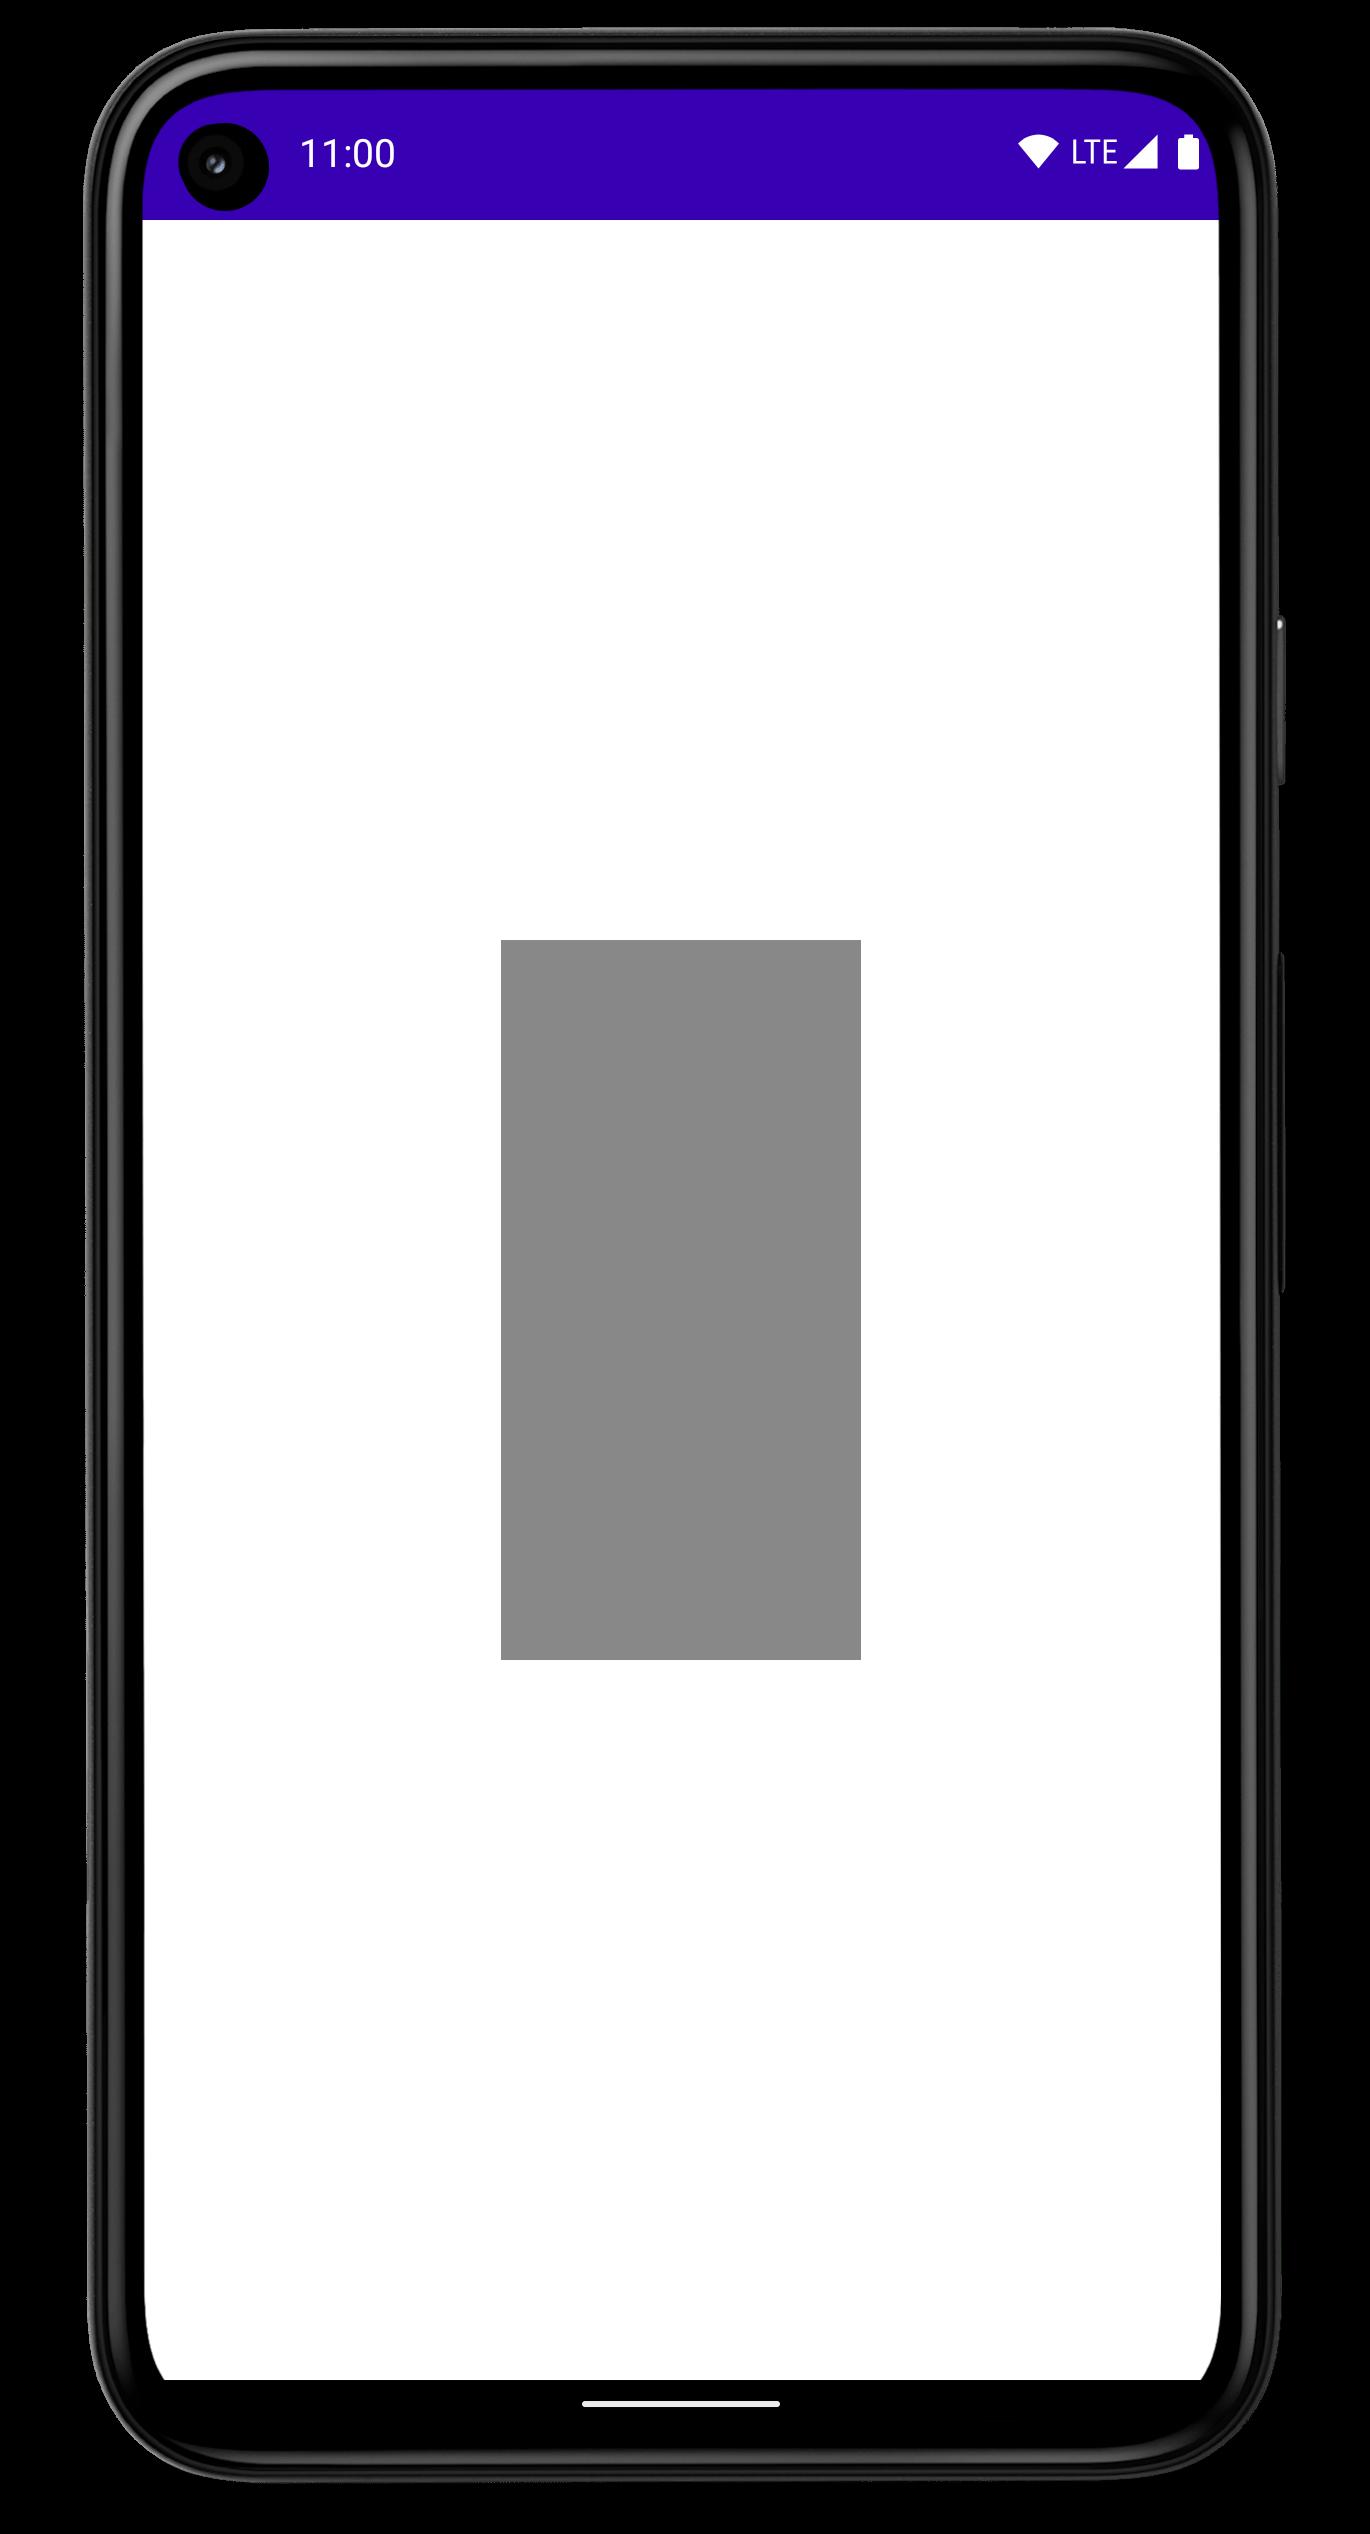 画面中央に塗りつぶしの長方形が表示されたスマートフォン。